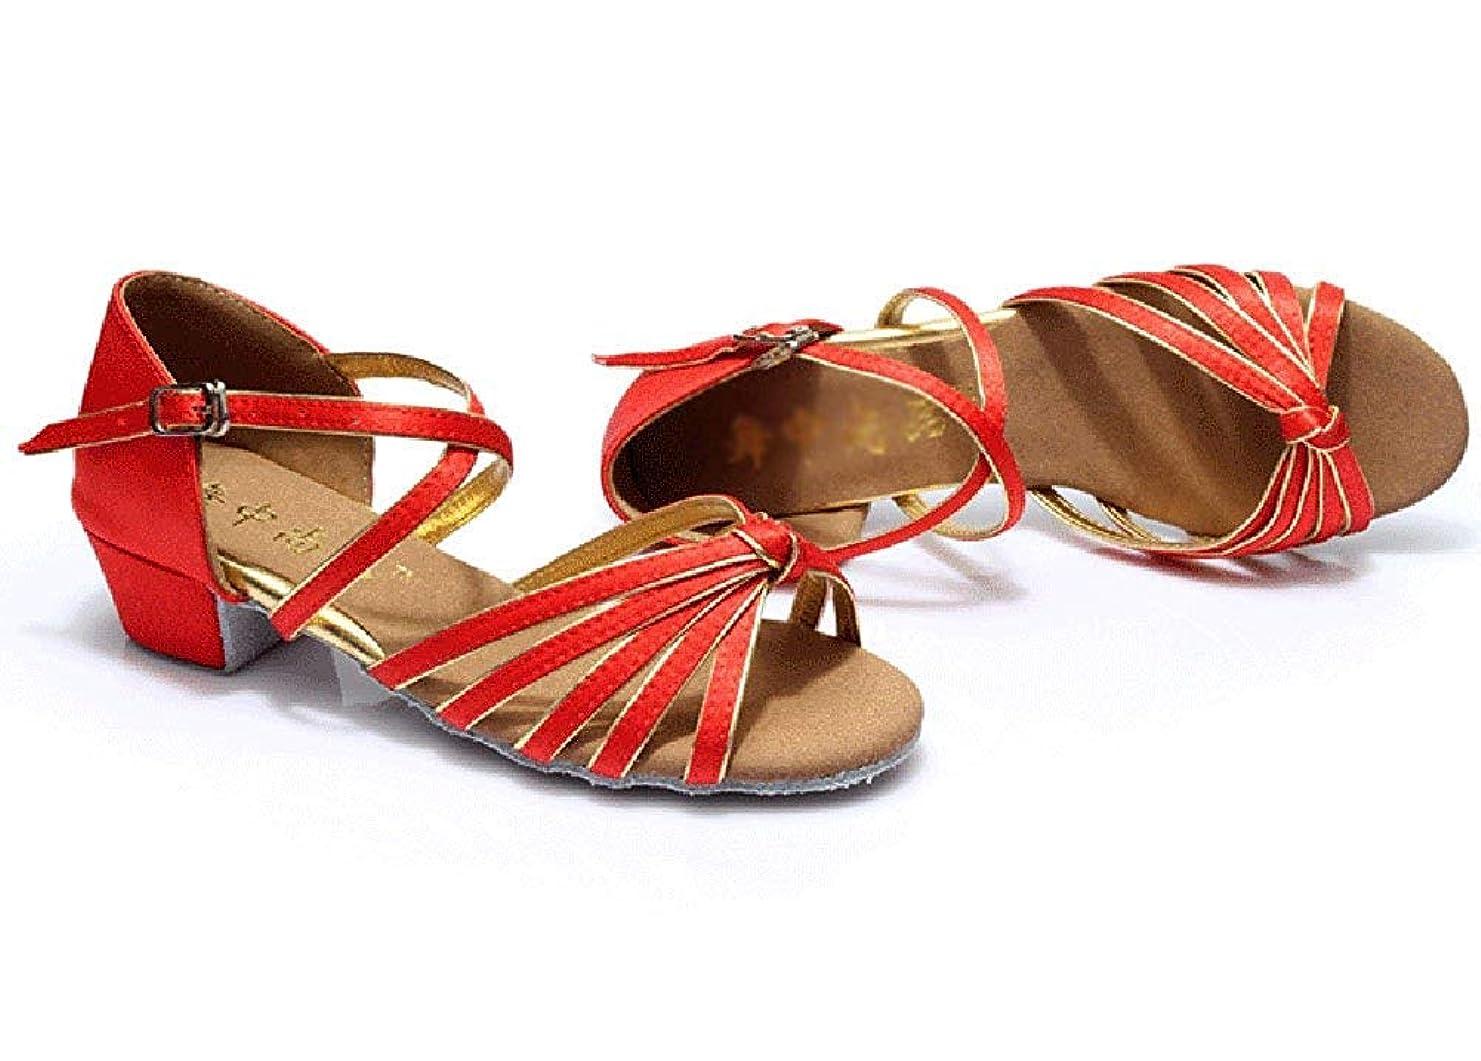 後方に寝室解放する[Dianyejiancai] 最新の女性ダンスシューズ 女の子ラテンダンスシューズ、子供用ダンスシューズローヒール耐摩耗性サンダル (Color : 赤, サイズ : Foot length=18.8CM(7.4Inch))